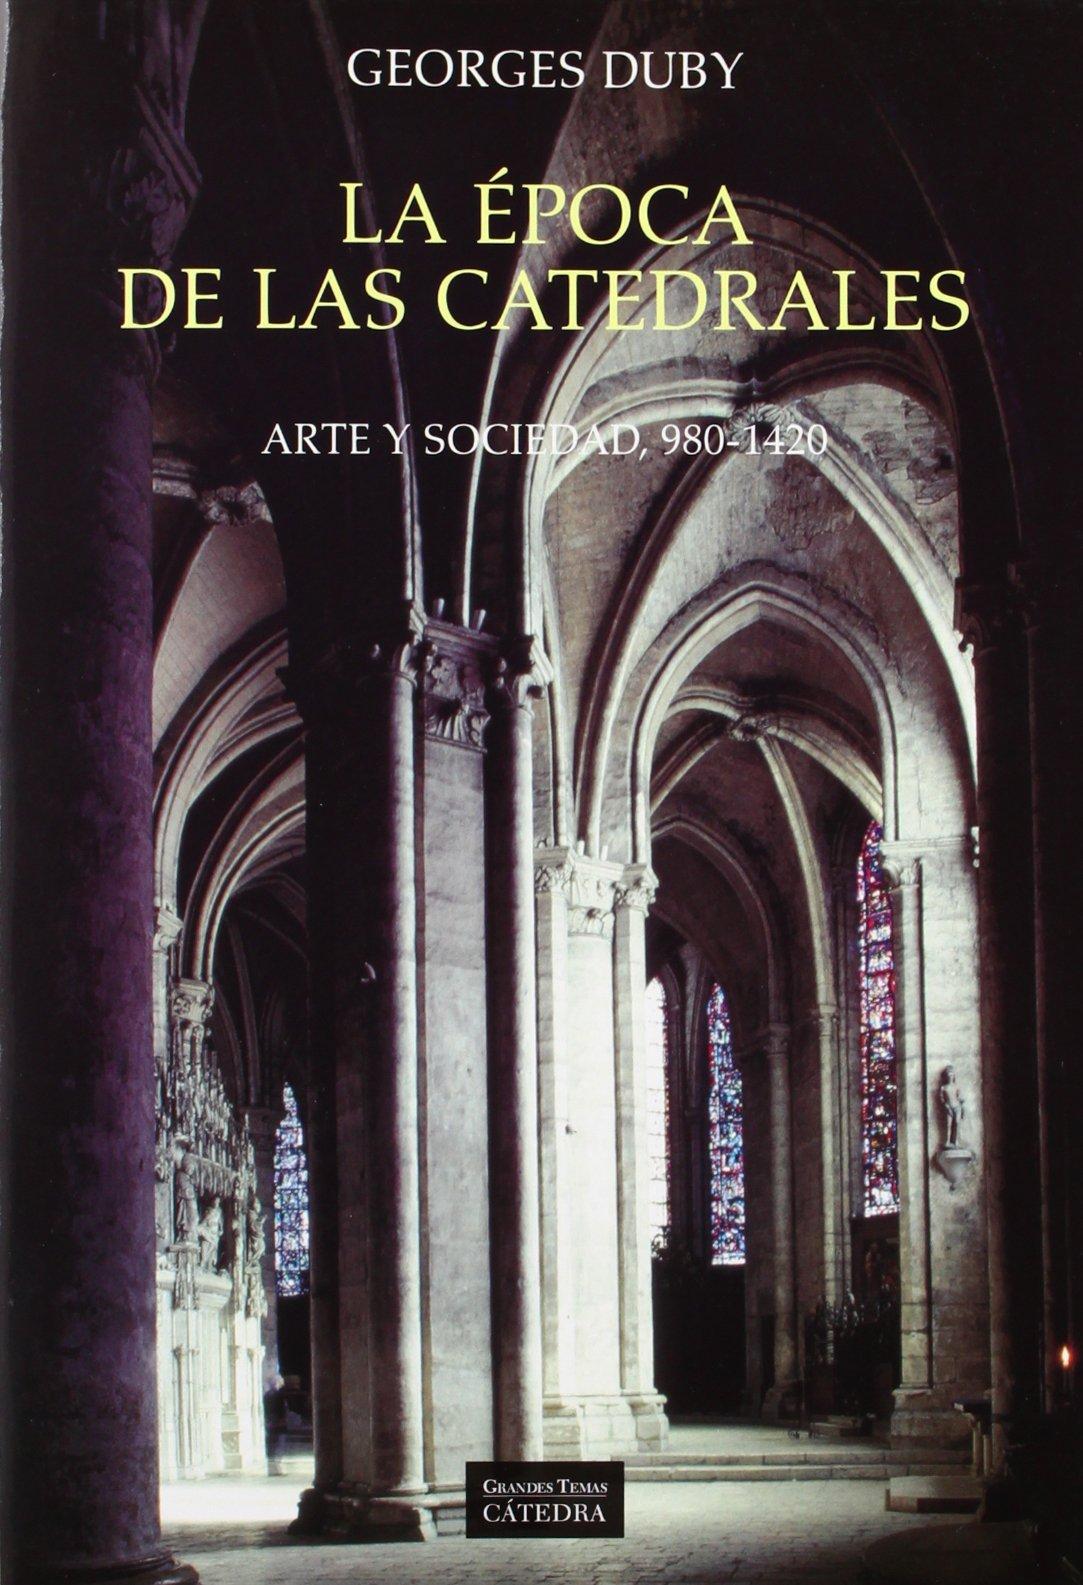 La época de las catedrales: Arte y sociedad, 980-1420 (Arte Grandes Temas) Tapa blanda – 11 abr 2005 Georges Duby Cátedra 8437611792 297419